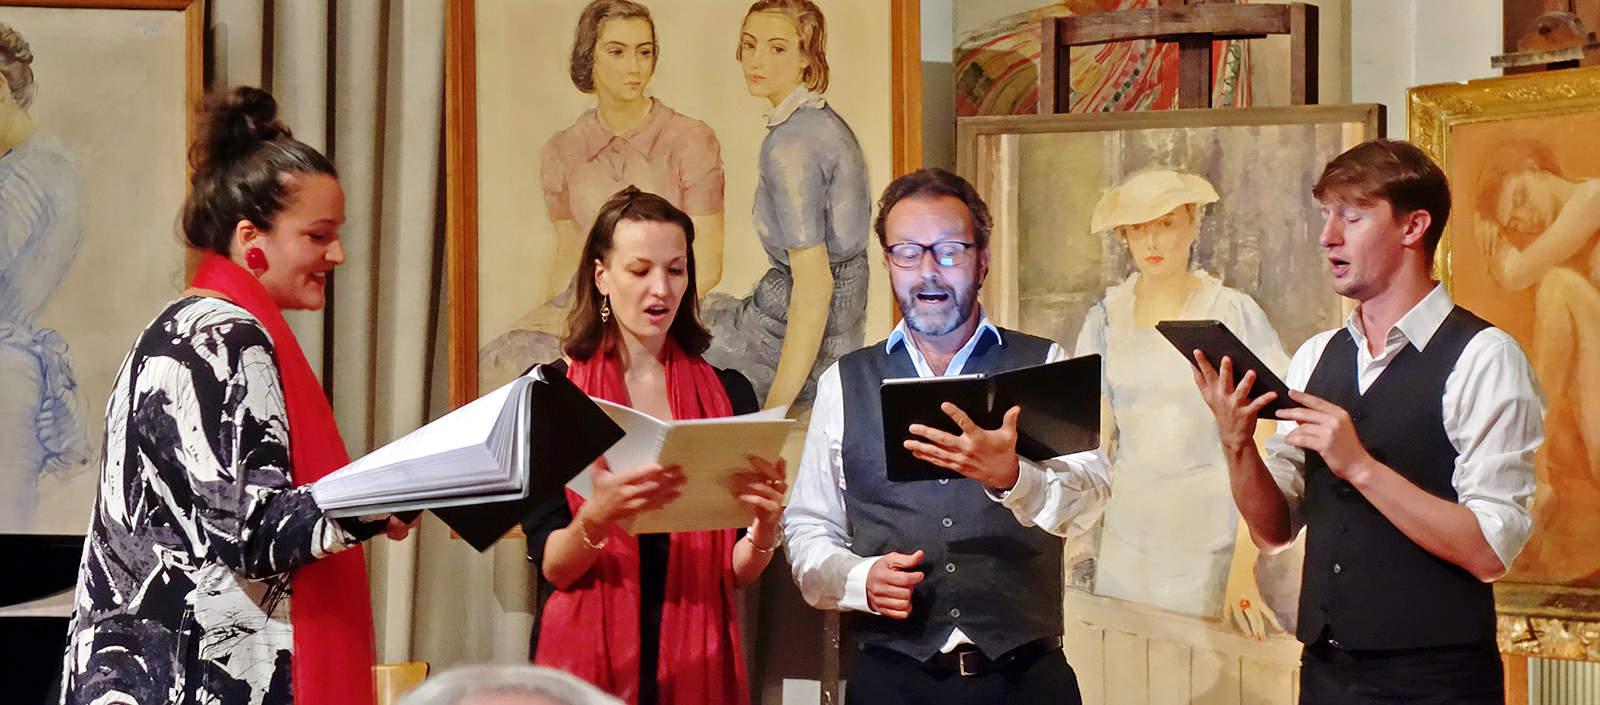 L'Atelier participe au festival Bruxelles sur Scènes!